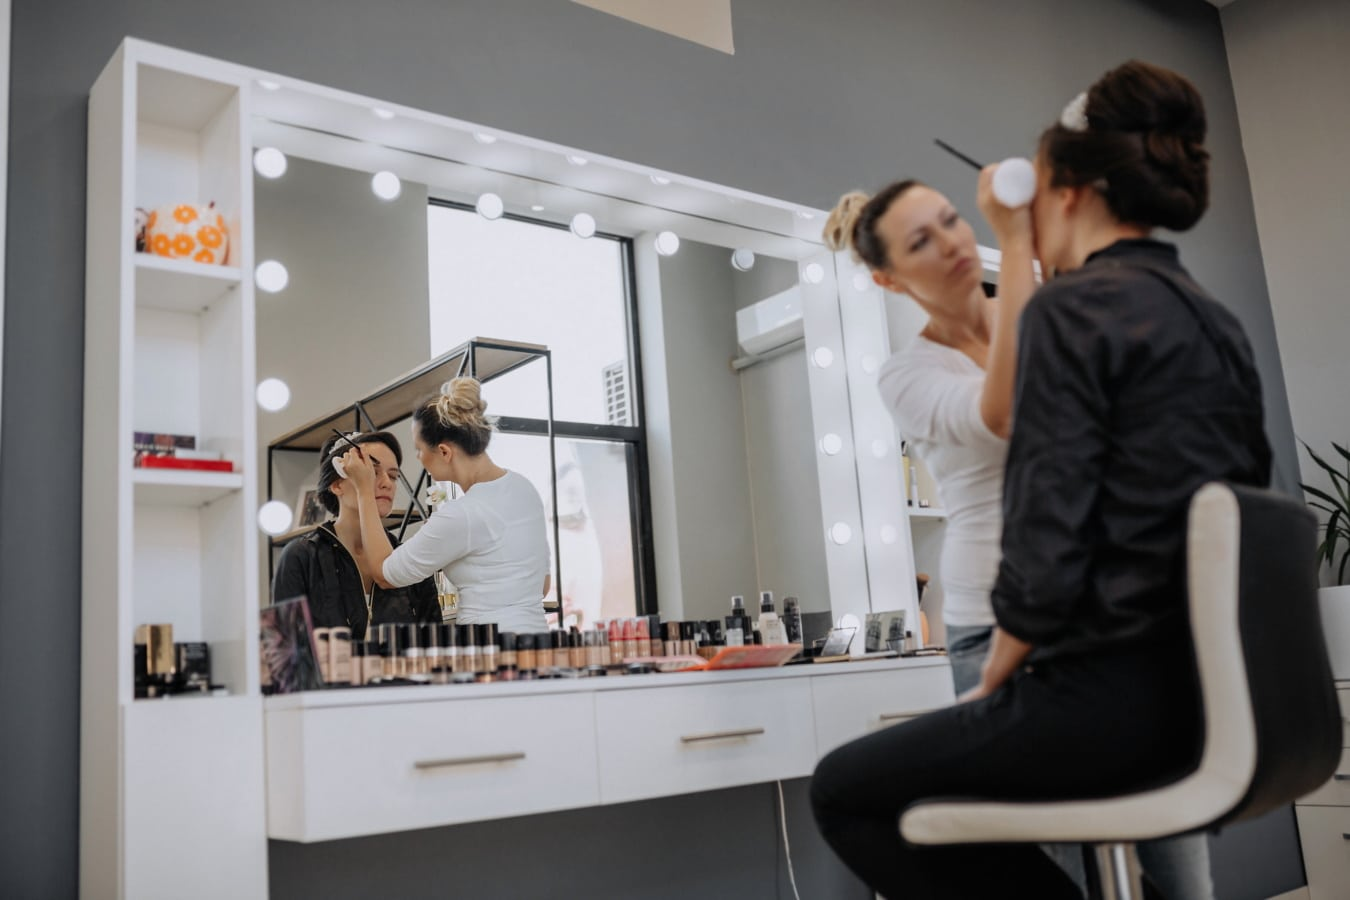 Wohnzimmer, Kunden, Shop, Kosmetik, Krämer, Geschäftsfrau, drinnen, Spiegel, Friseur, Frau